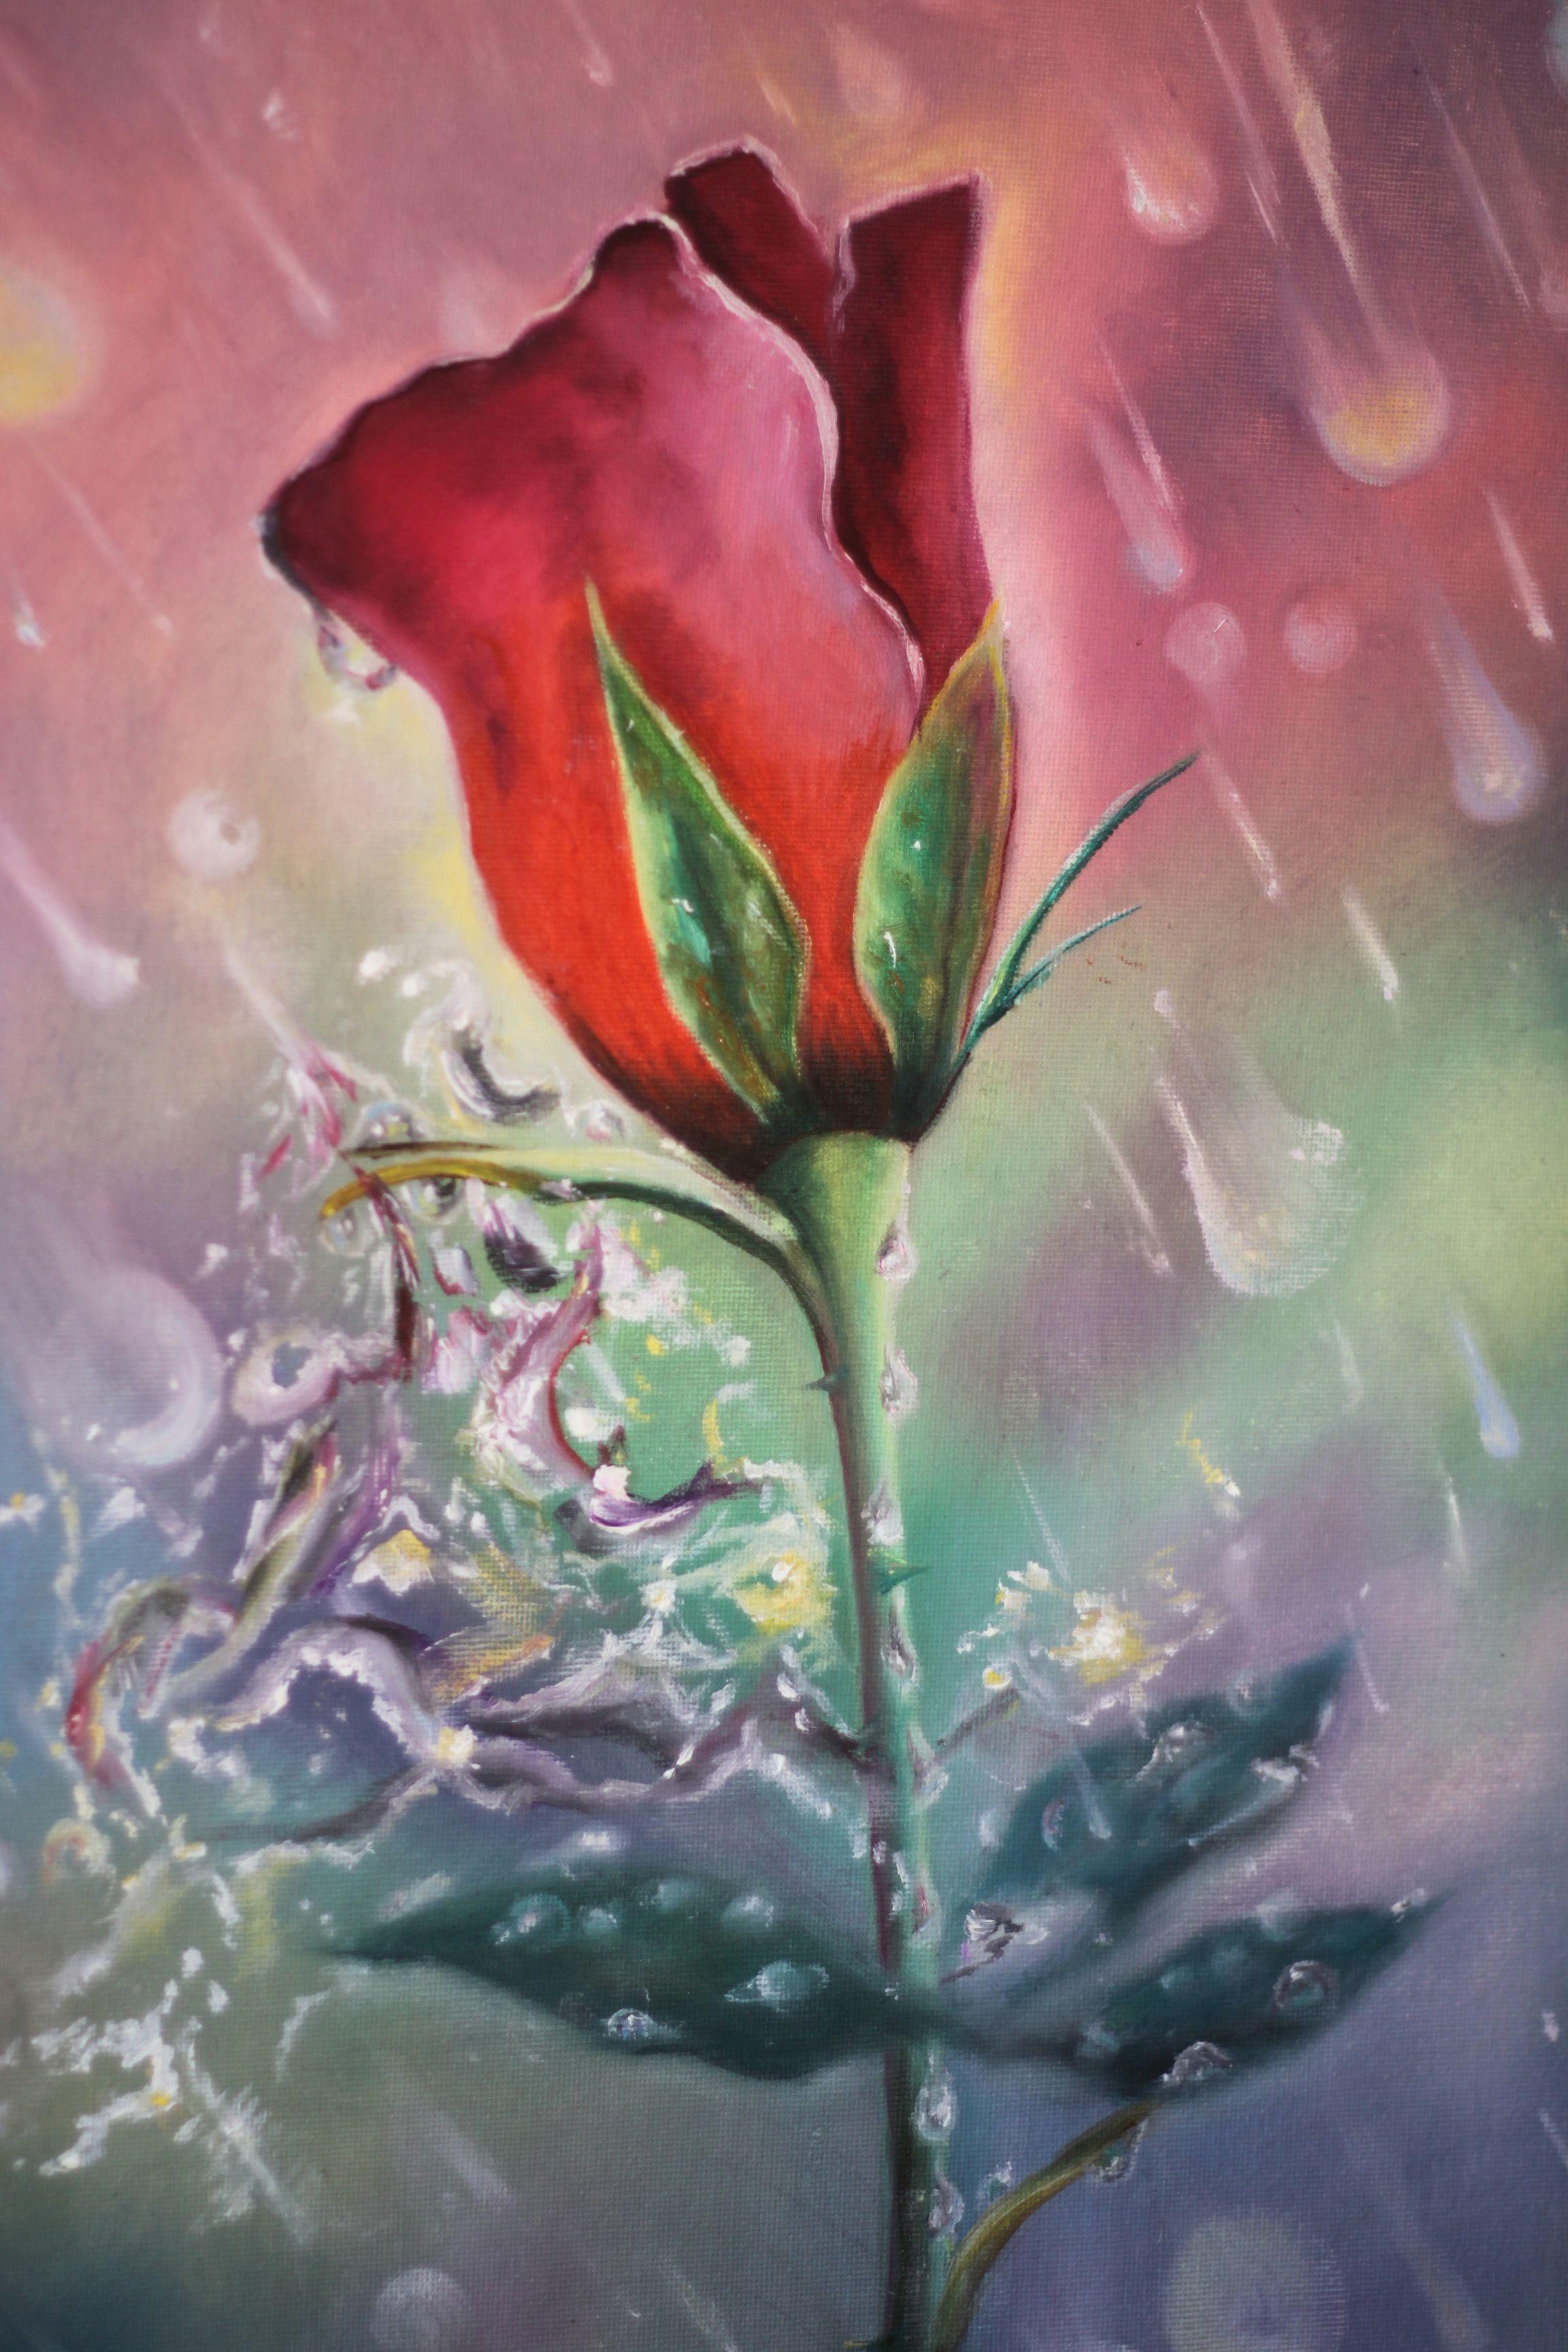 масло капли холст дождь роза цветы